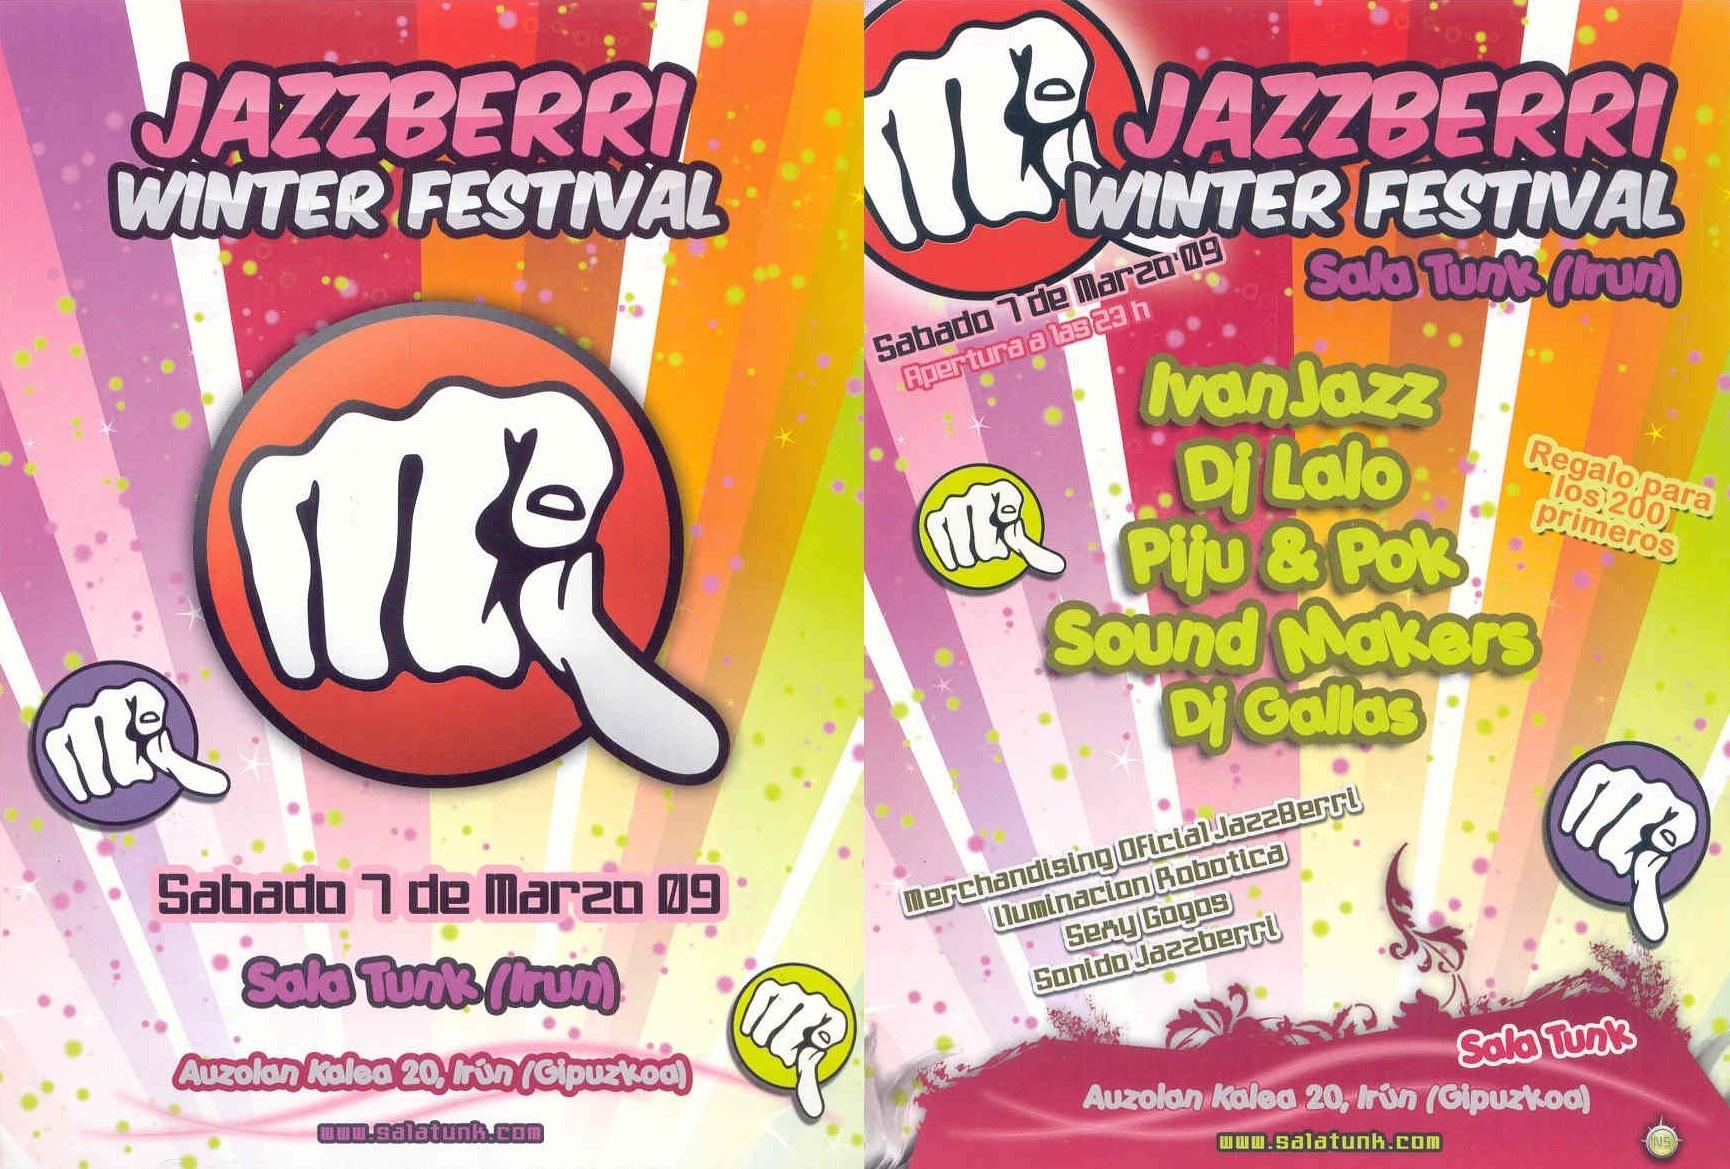 Sound Makers @ Jazzberri winter festival (Tunk)